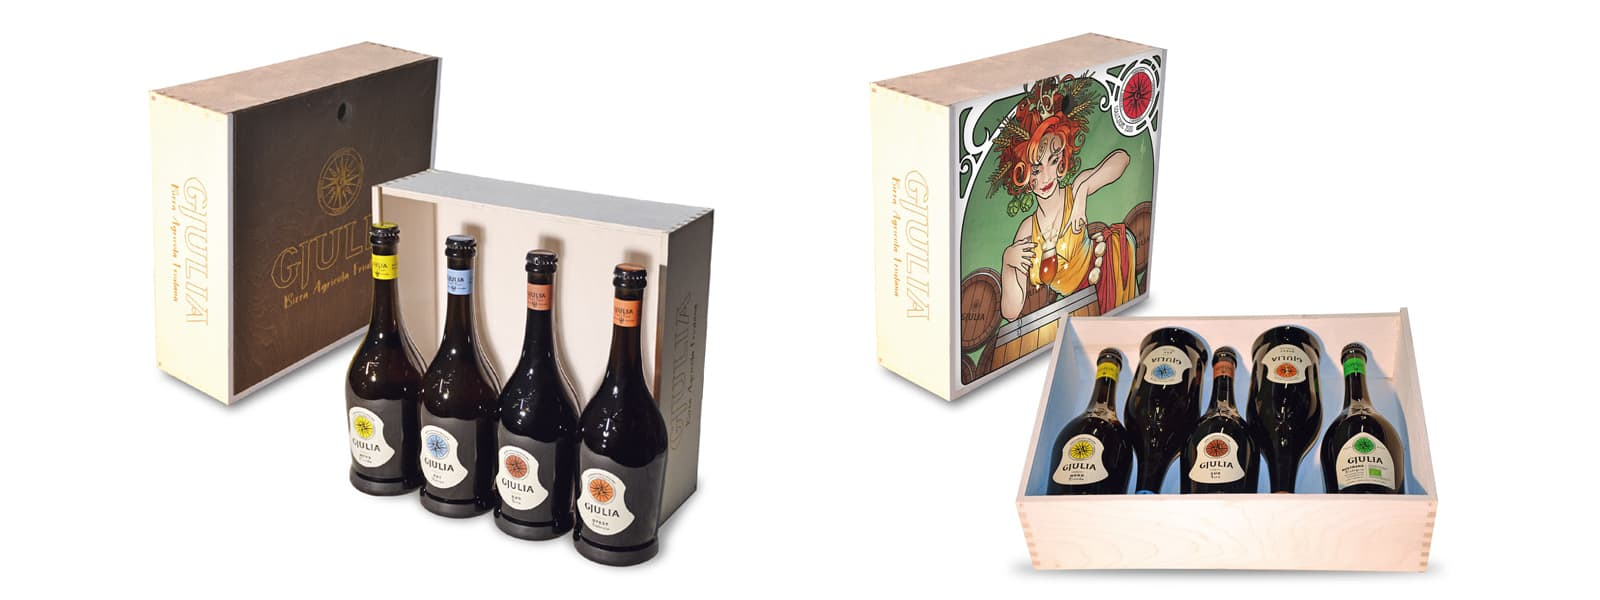 Confezioni Regalo Birra Gjulia 1600x600 1